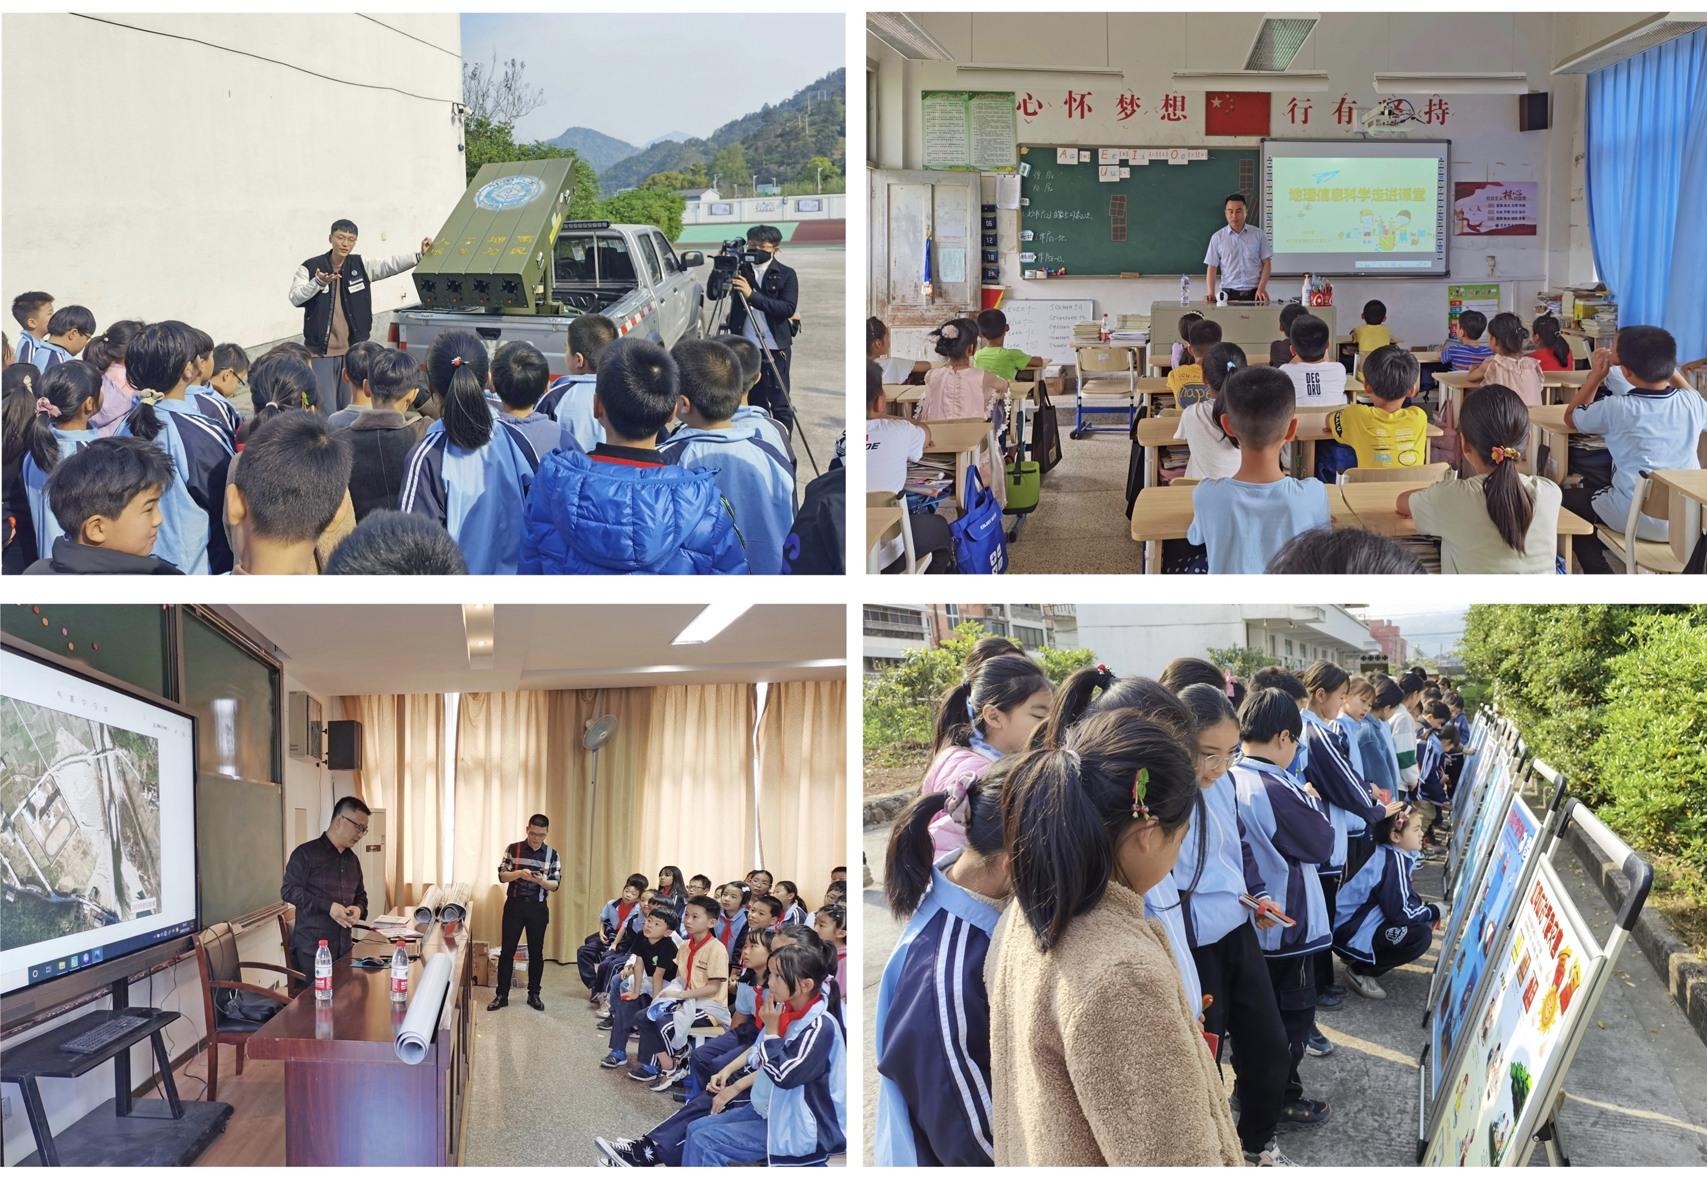 浙江局:情系乡村教育 助力乡村振兴